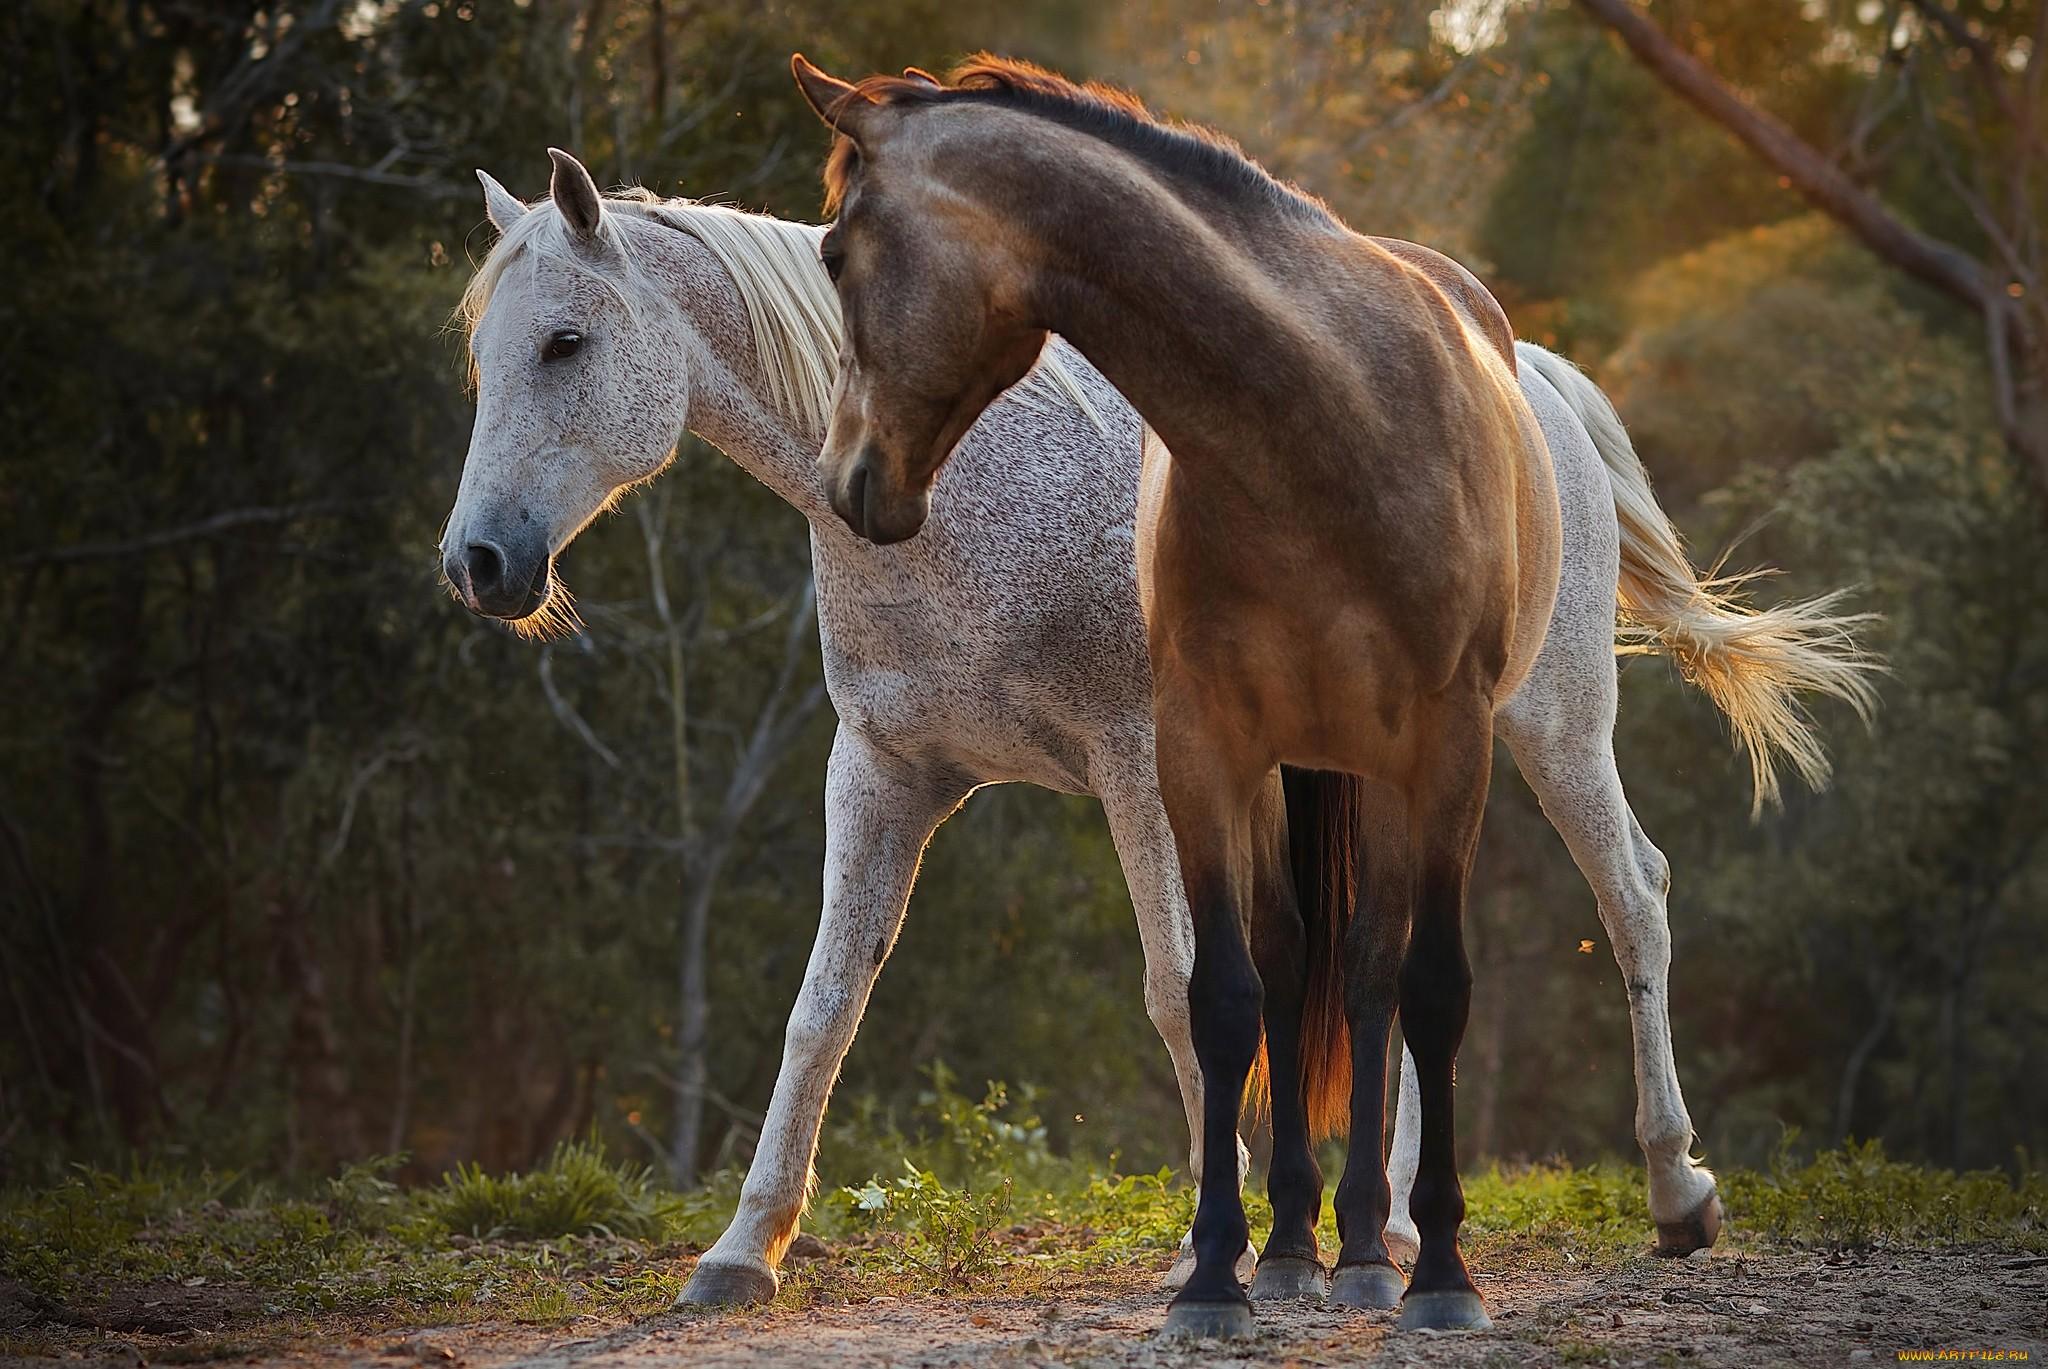 лошадь картинки большого разрешения фото вышло дорисованной